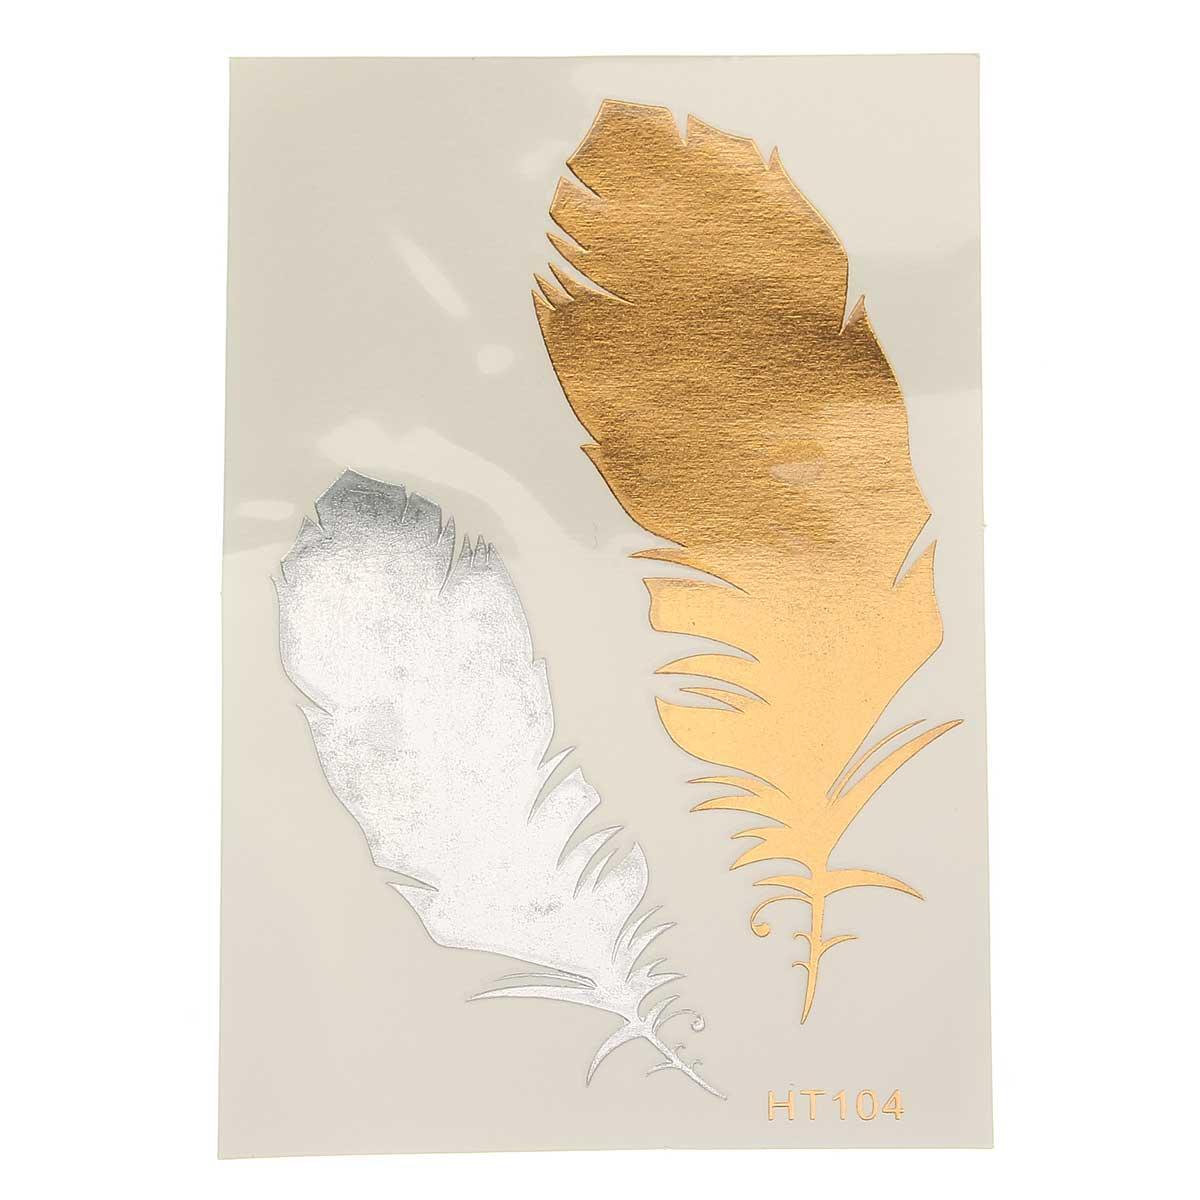 1Pcs Горячий цвет золота Индийский металлический перо птицы временное искусство тела Тату Наклейка Decal - 1TopShop